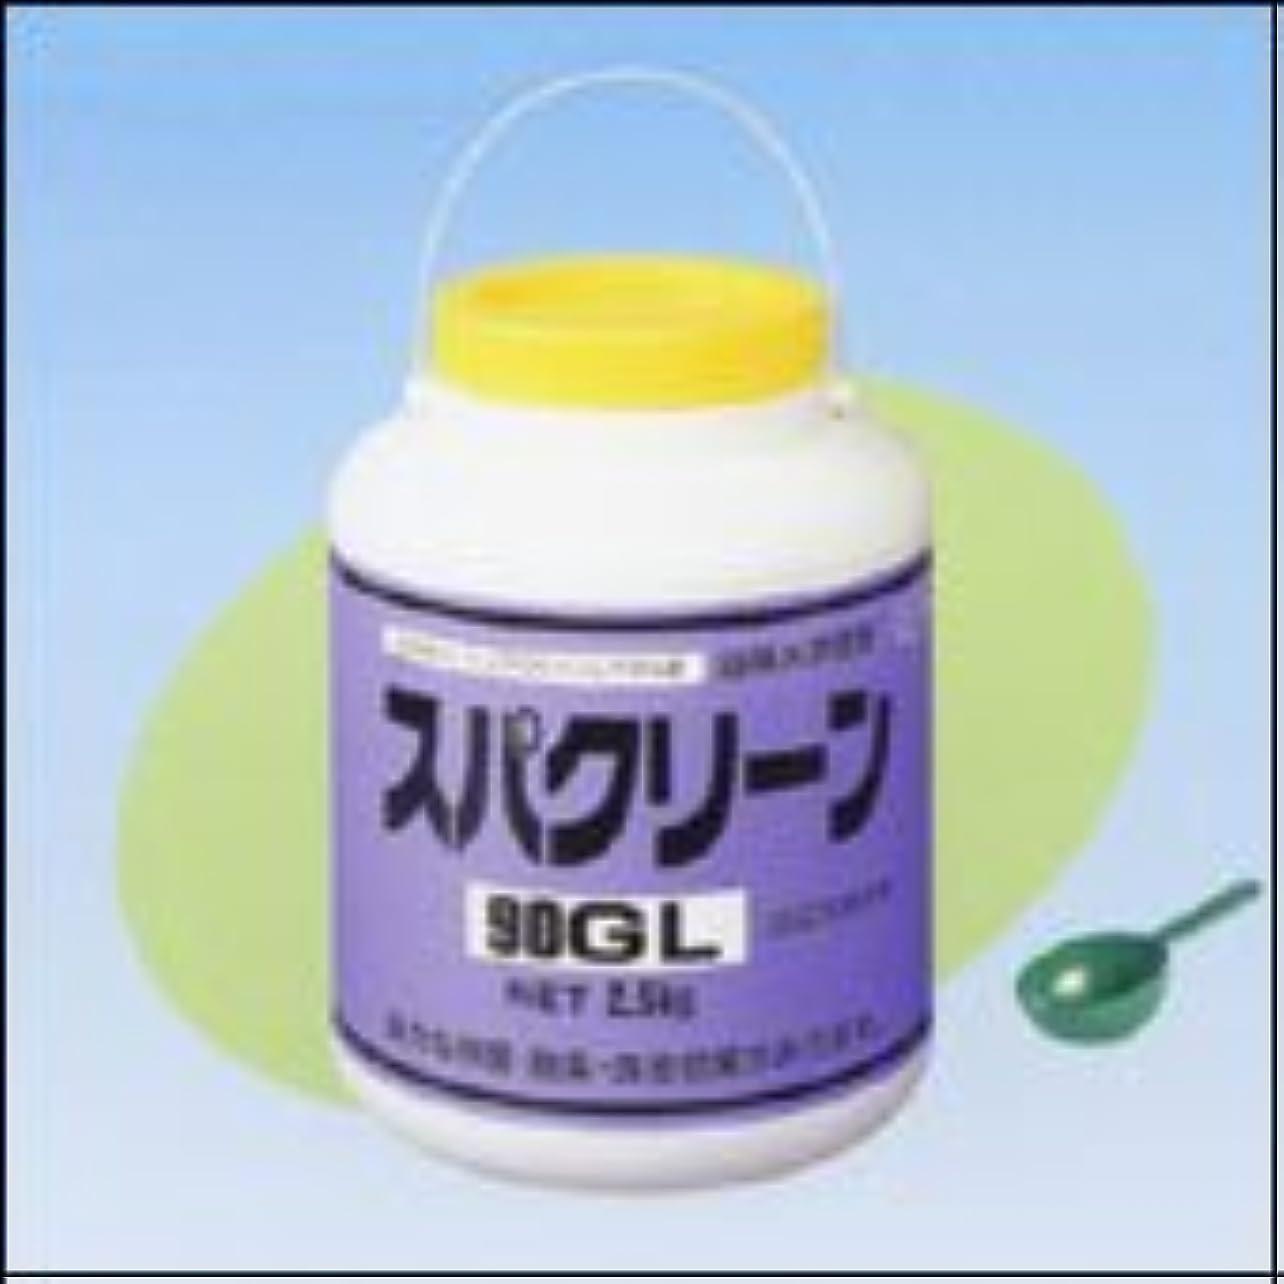 泥チャーミングドラッグスパクリーン 90GL 2.5kg 浴用水精澄剤 塩素